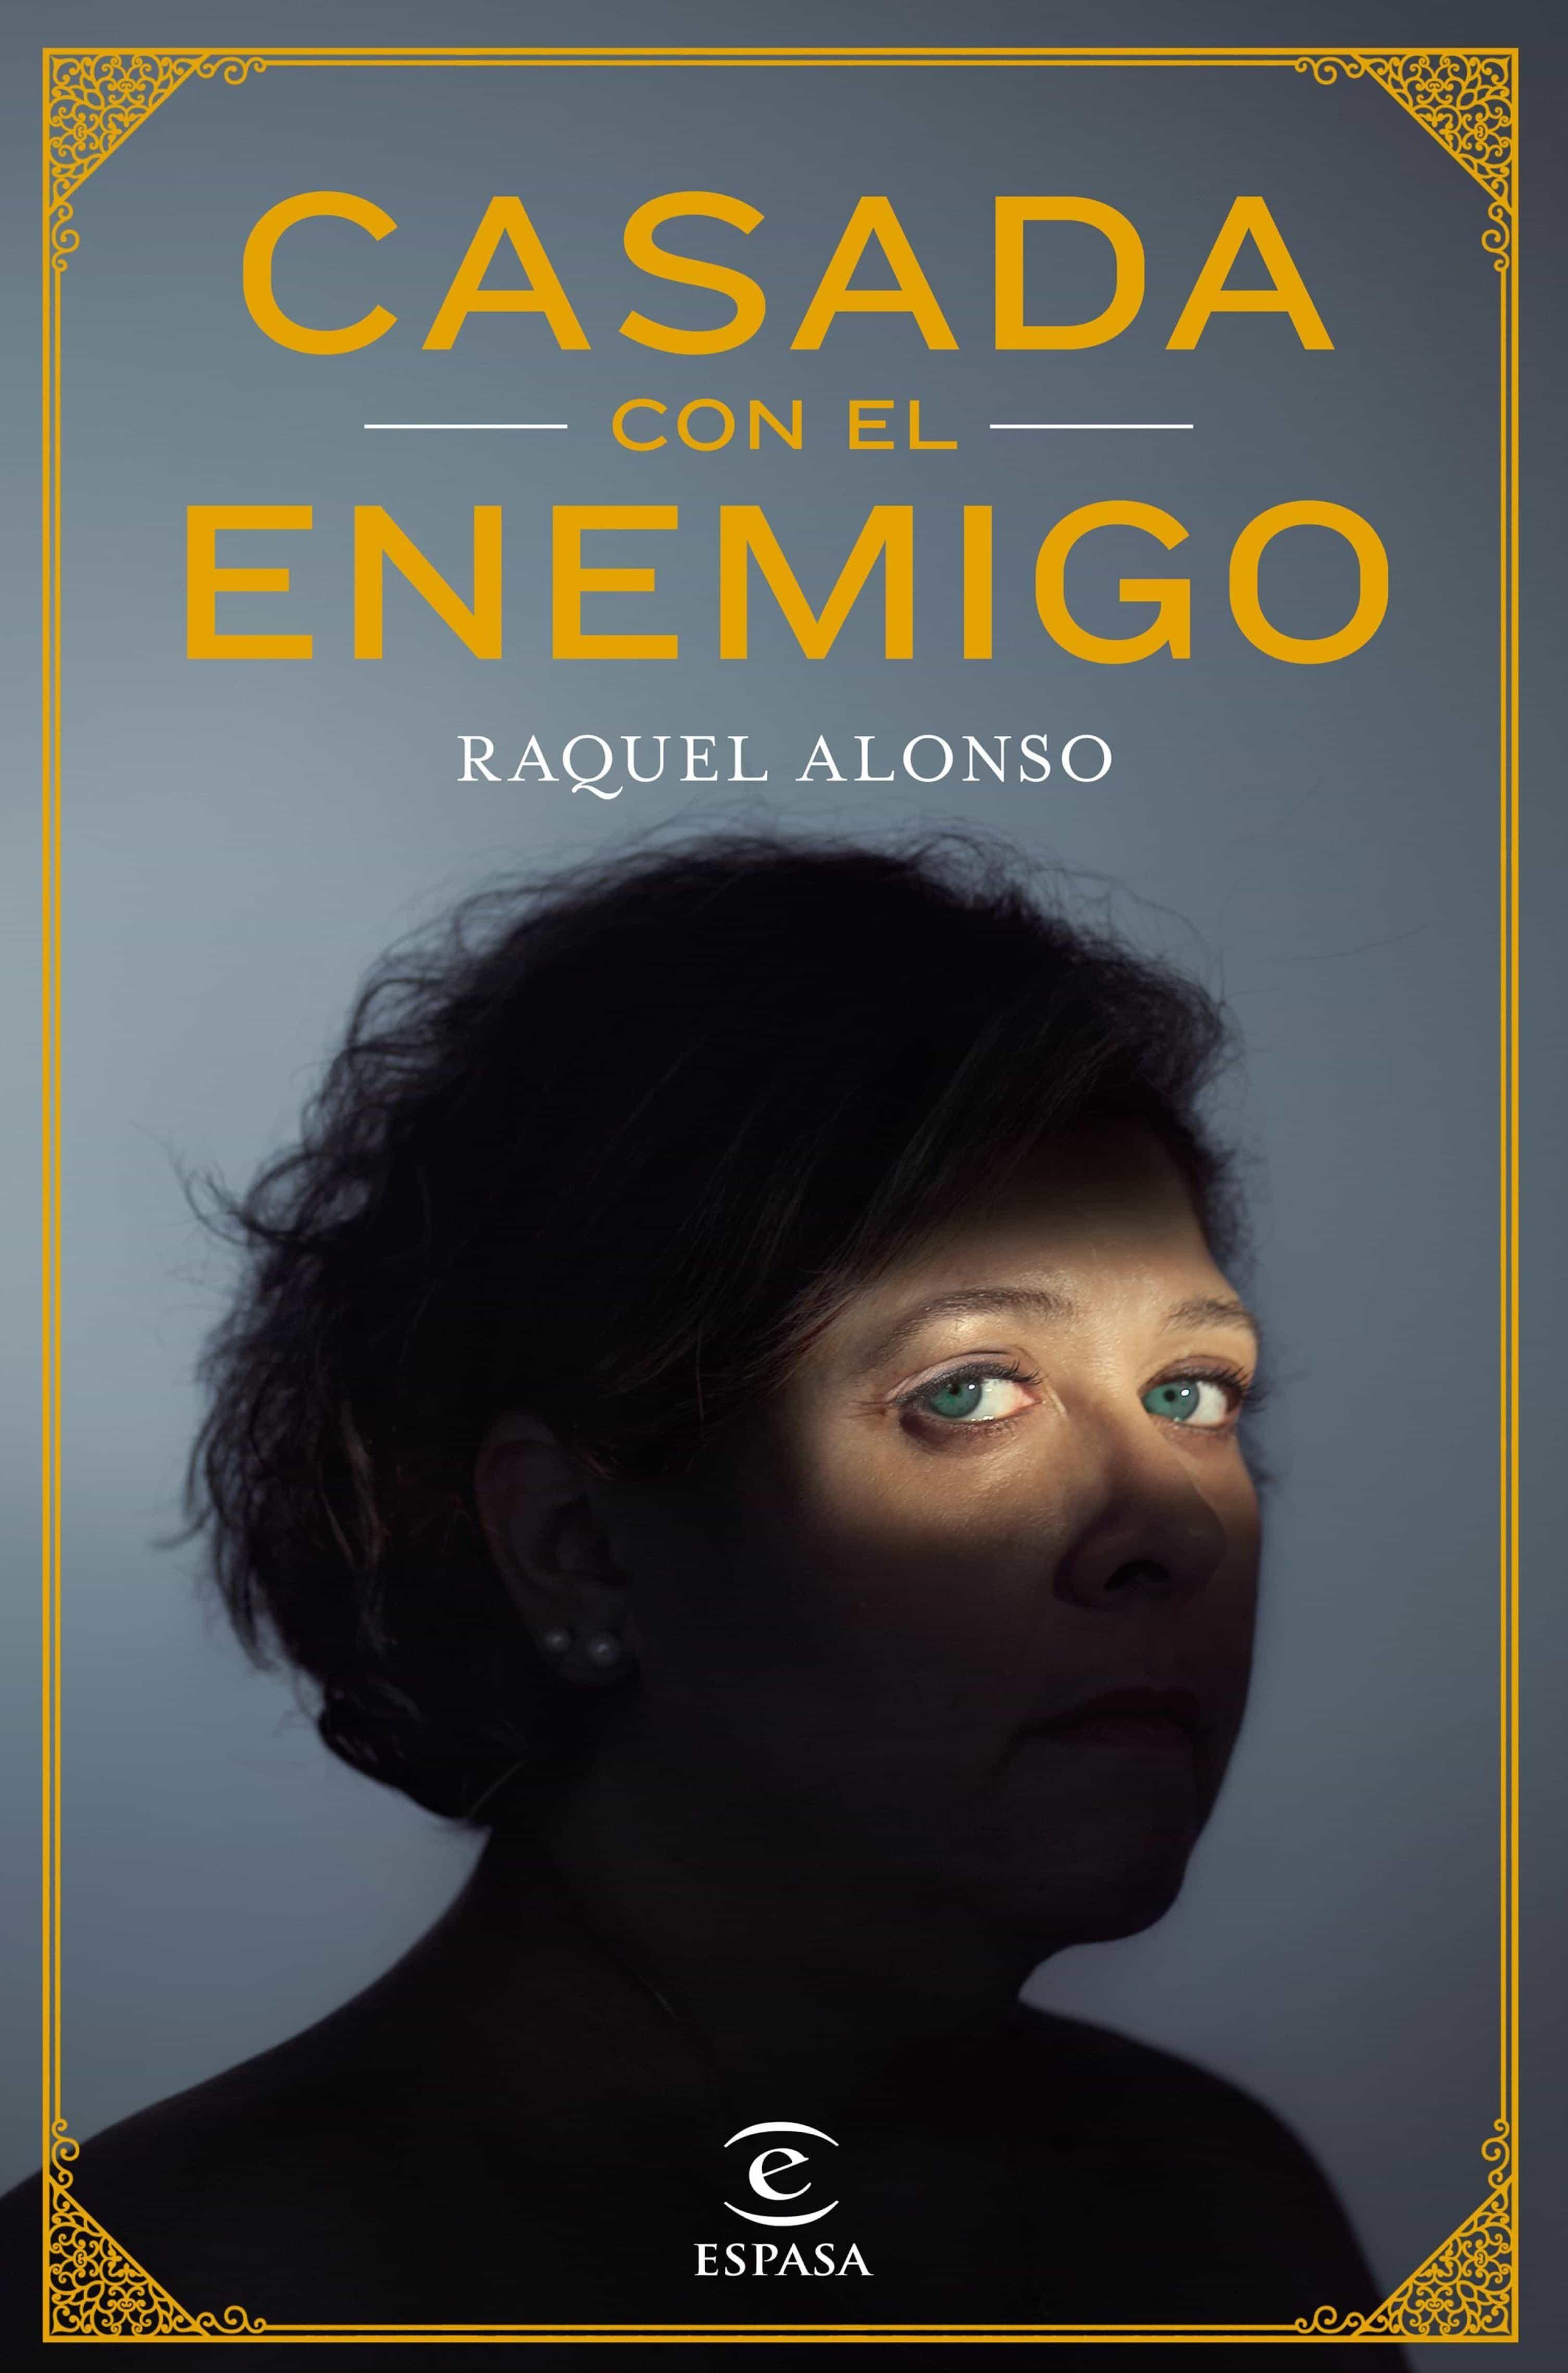 Casada Con El Enemigo   por Raquel Alonso